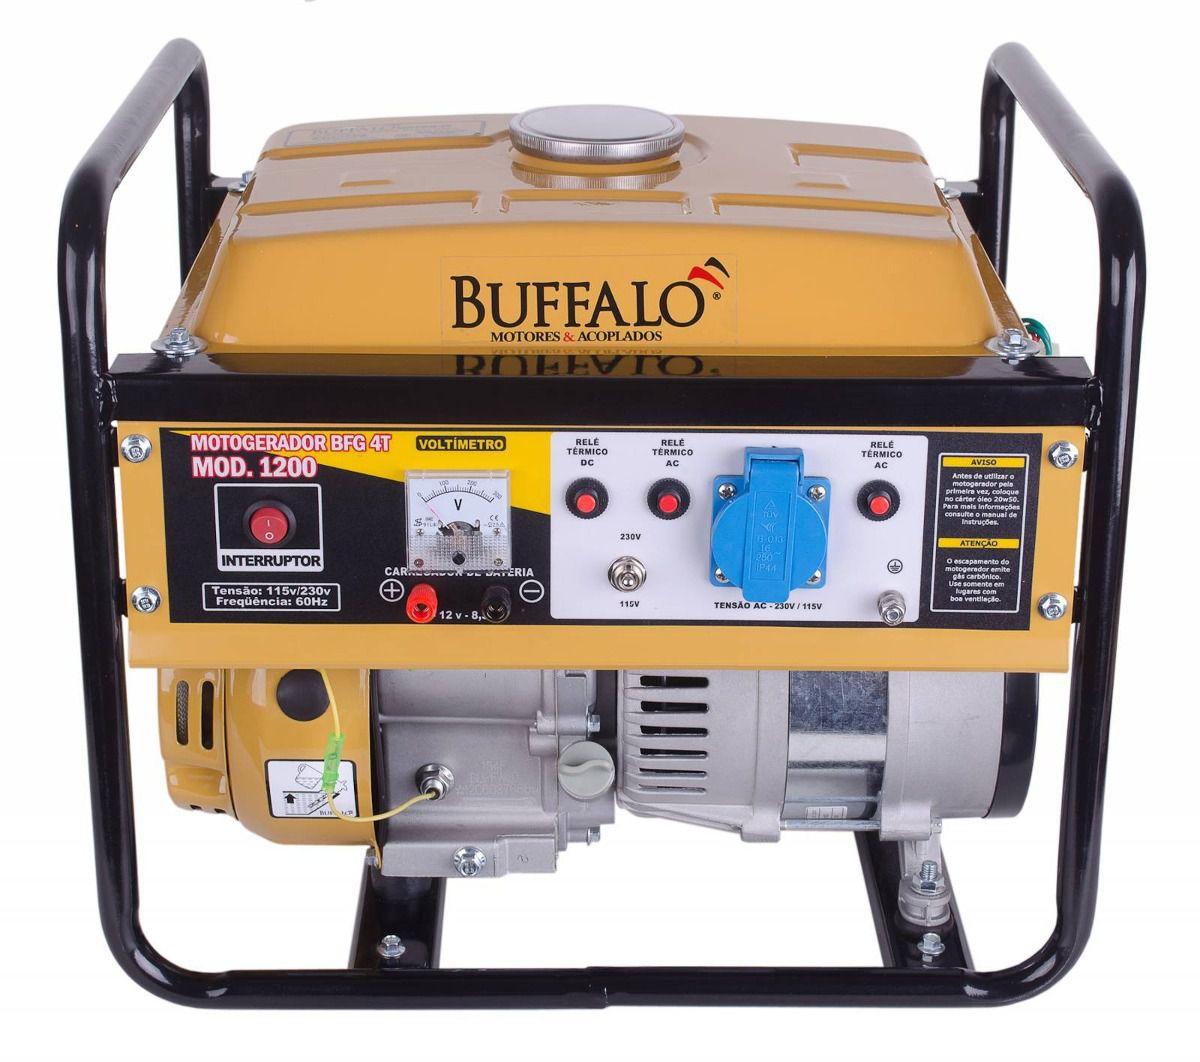 Motogerador à Gasolina BFG 1200 com Partida Manual - Buffalo